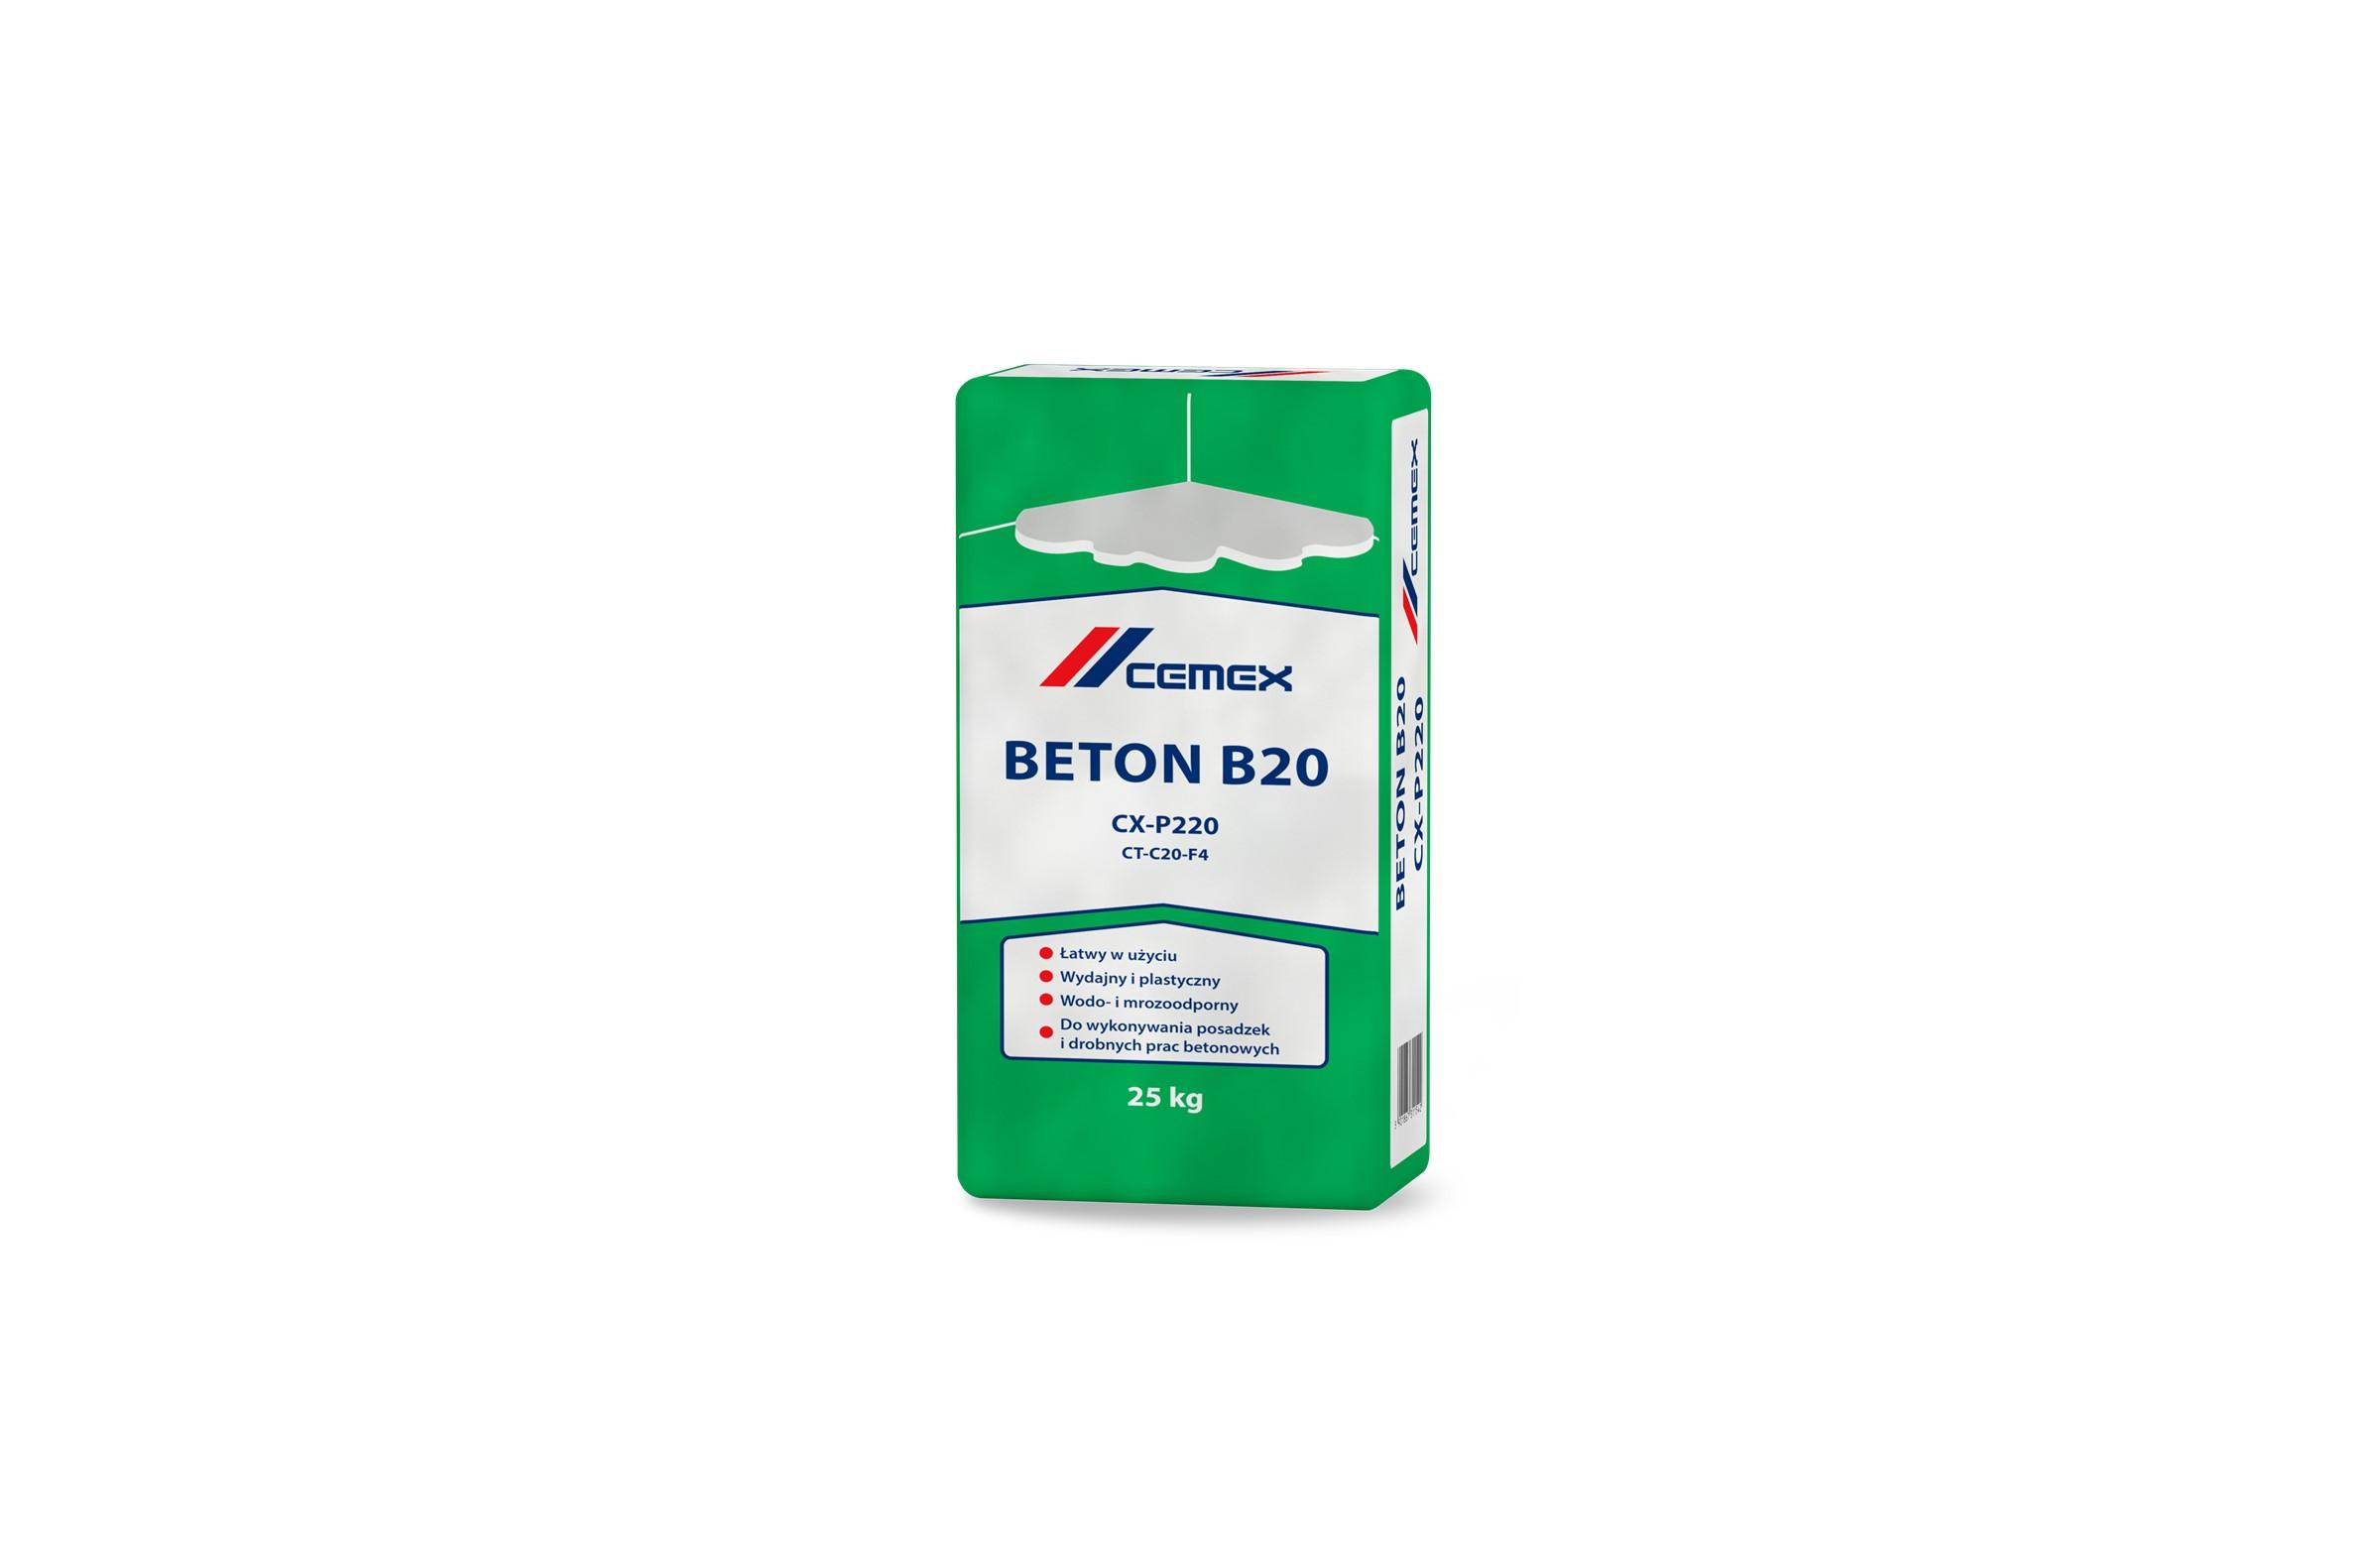 NOWY PRODUKT W OFERCIE CEMEX – BETON B20